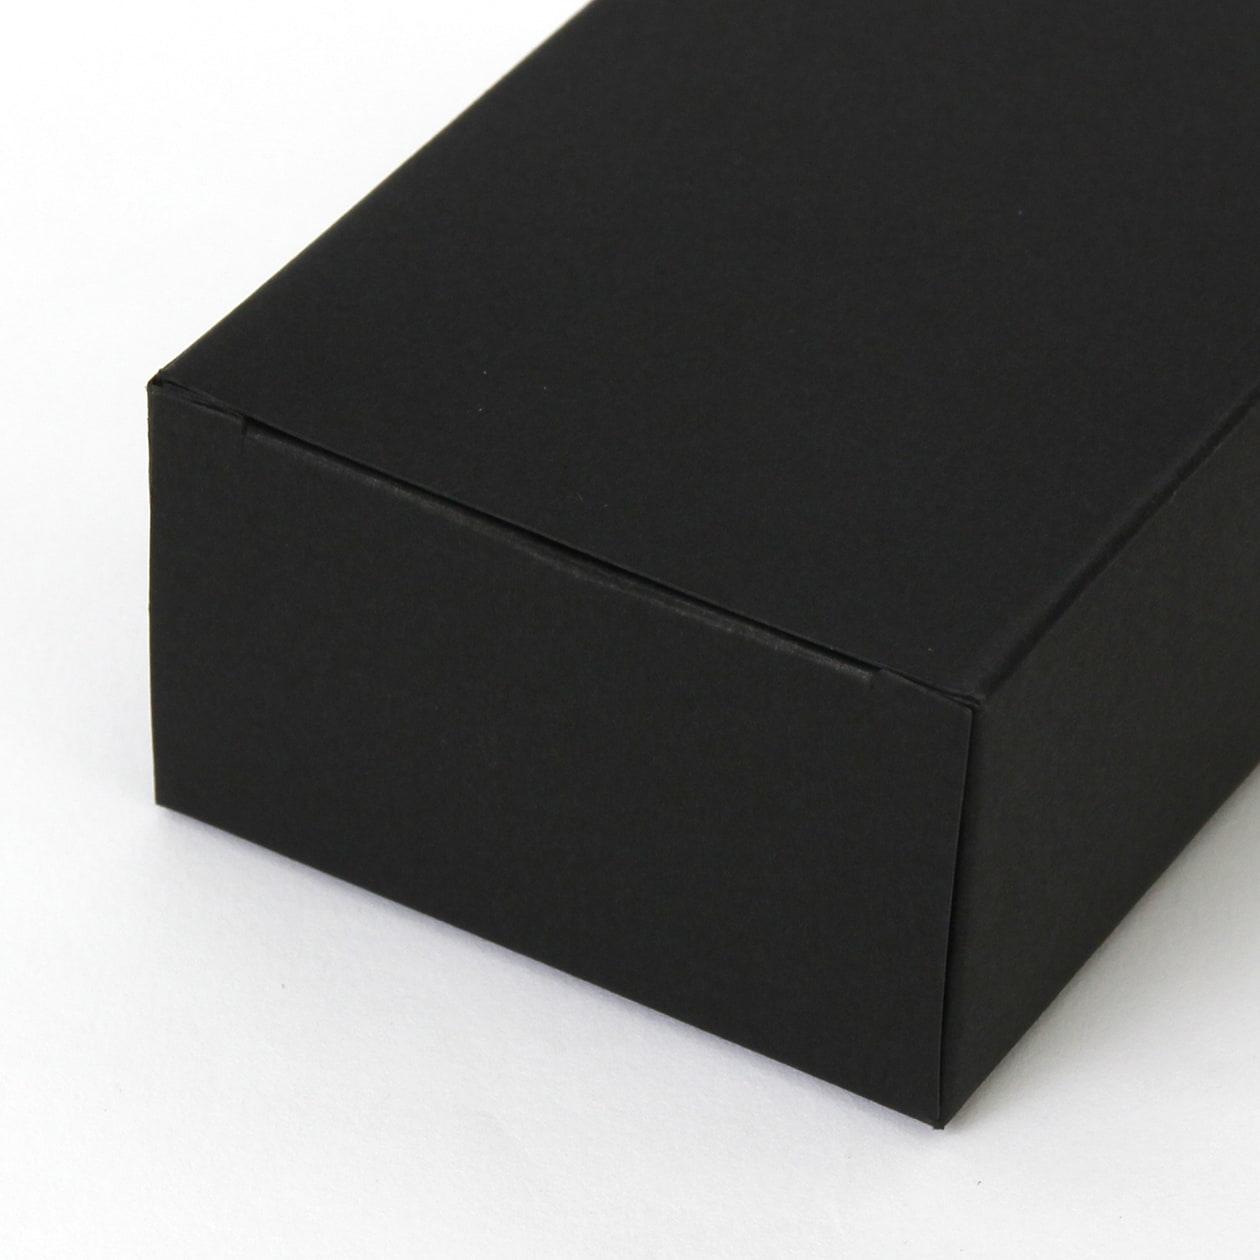 キャラメル箱60×35×95 ボード紙 ブラック 258.1g